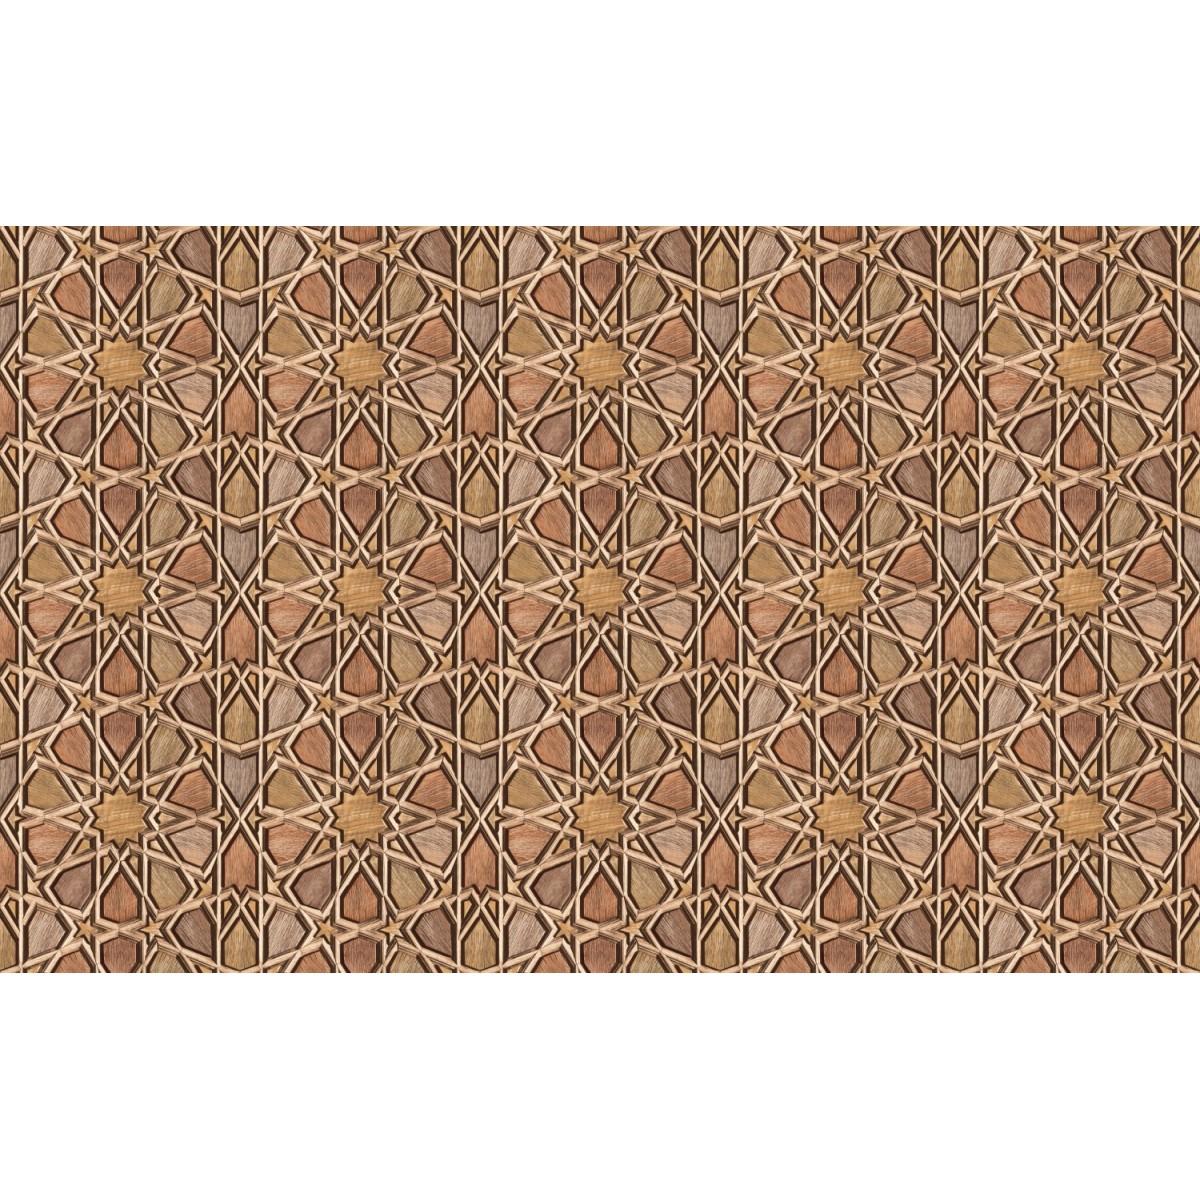 Обои виниловые Shinhan Wallcoverings коричневые 1.06 м 88341-3